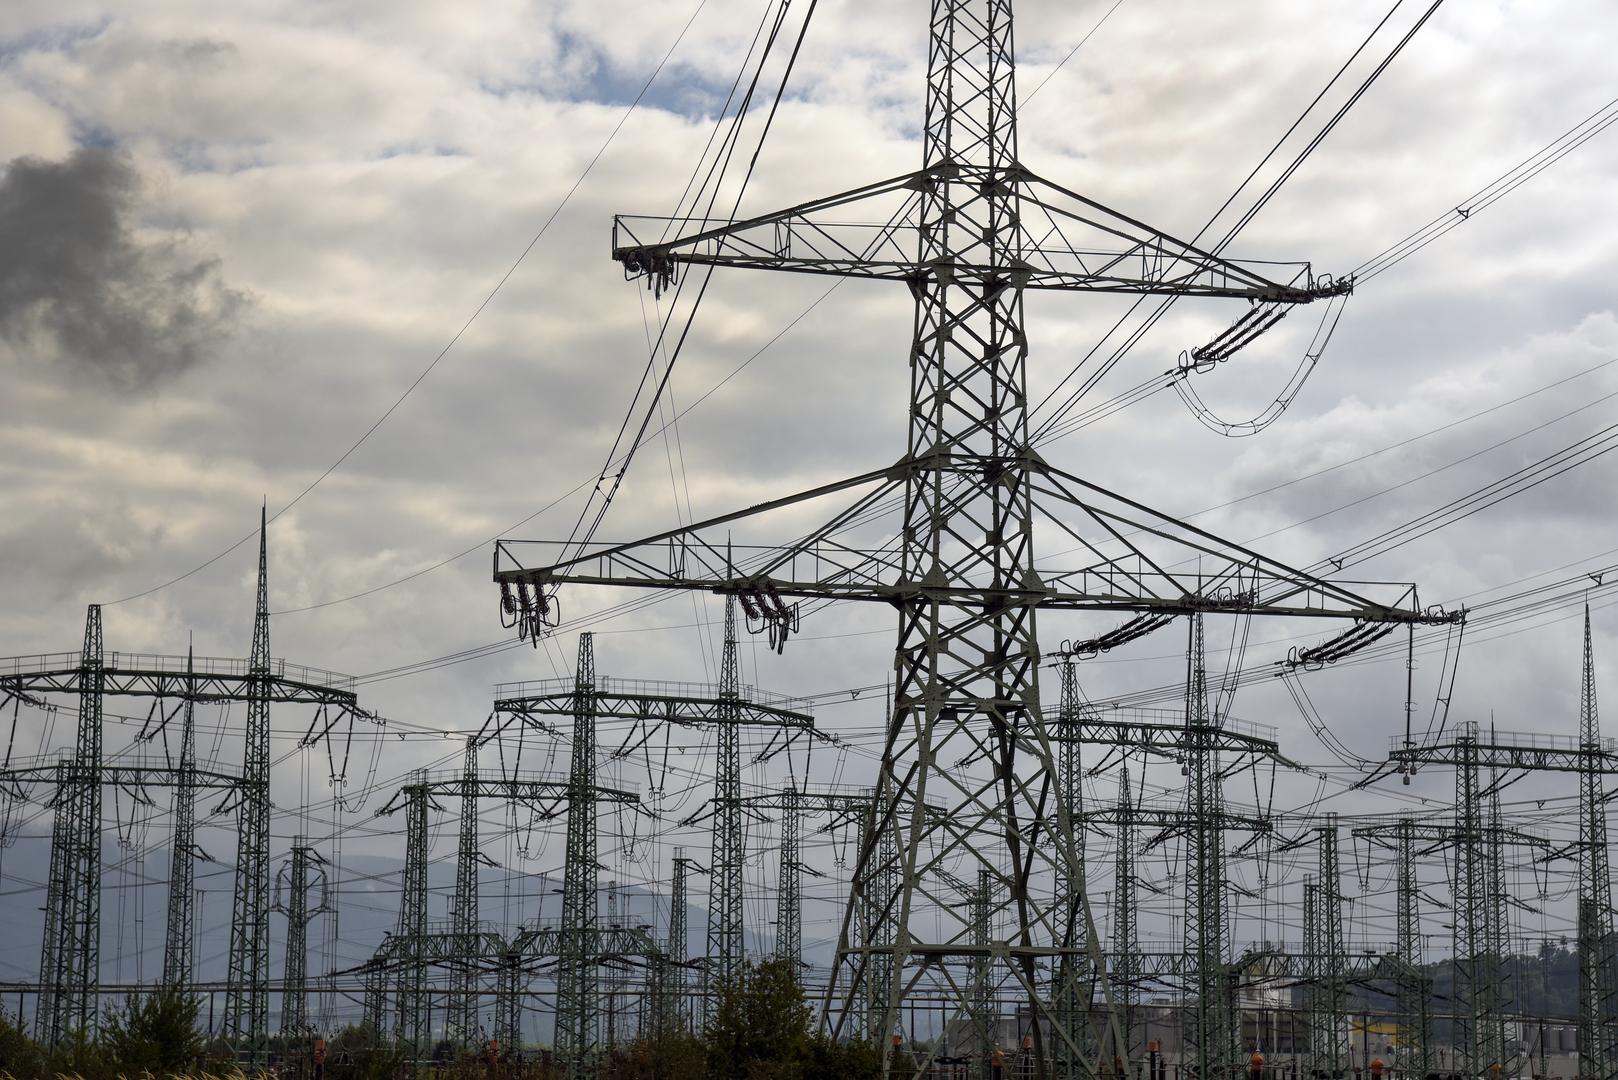 صورة تكشف عن مخطط نقل الكهرباء من مصر إلى اليونان